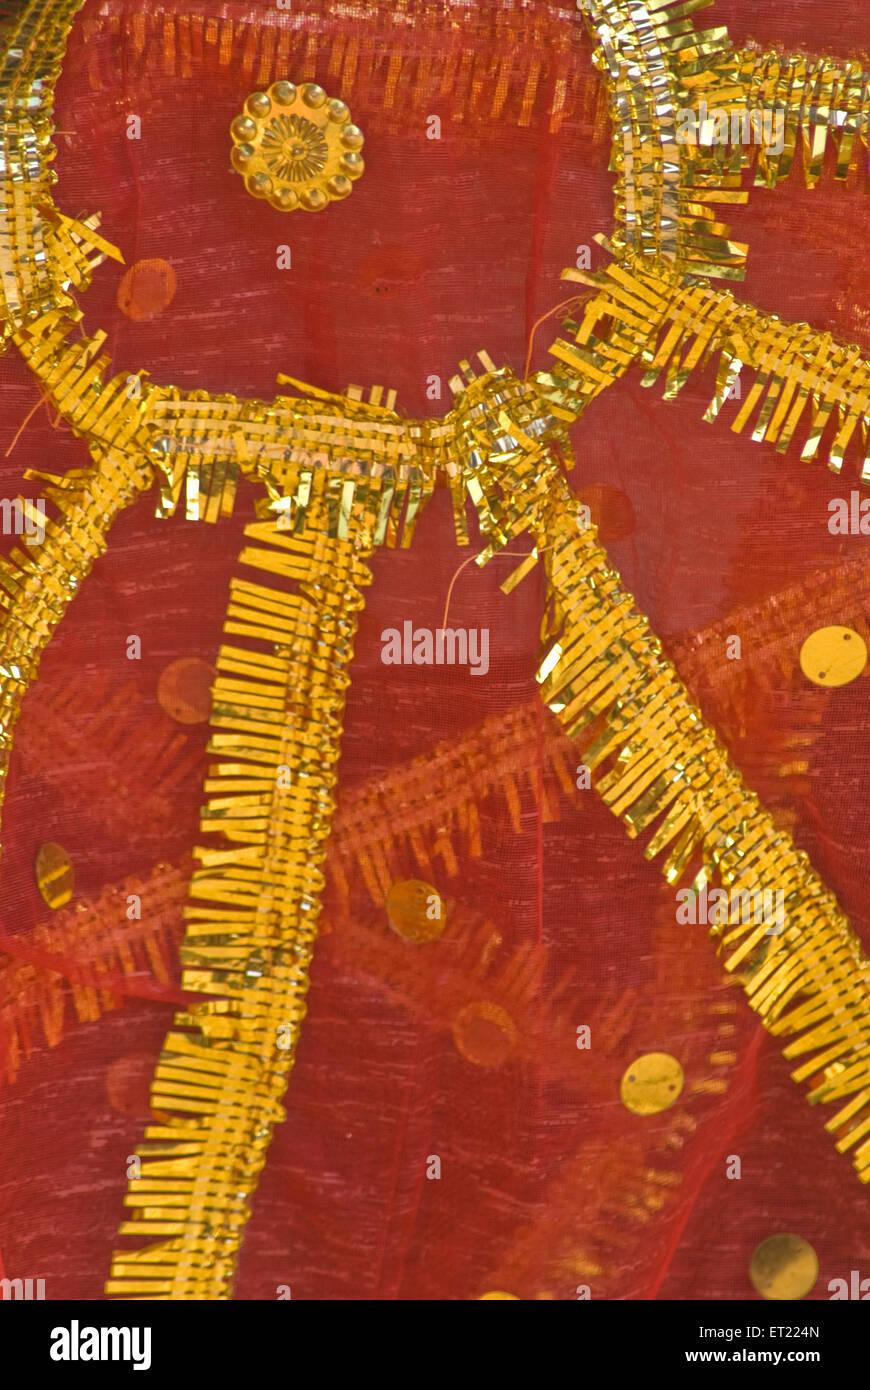 Morceau de tissu rouge Pune Maharashtra;;; l'Inde 2008 Photo Stock